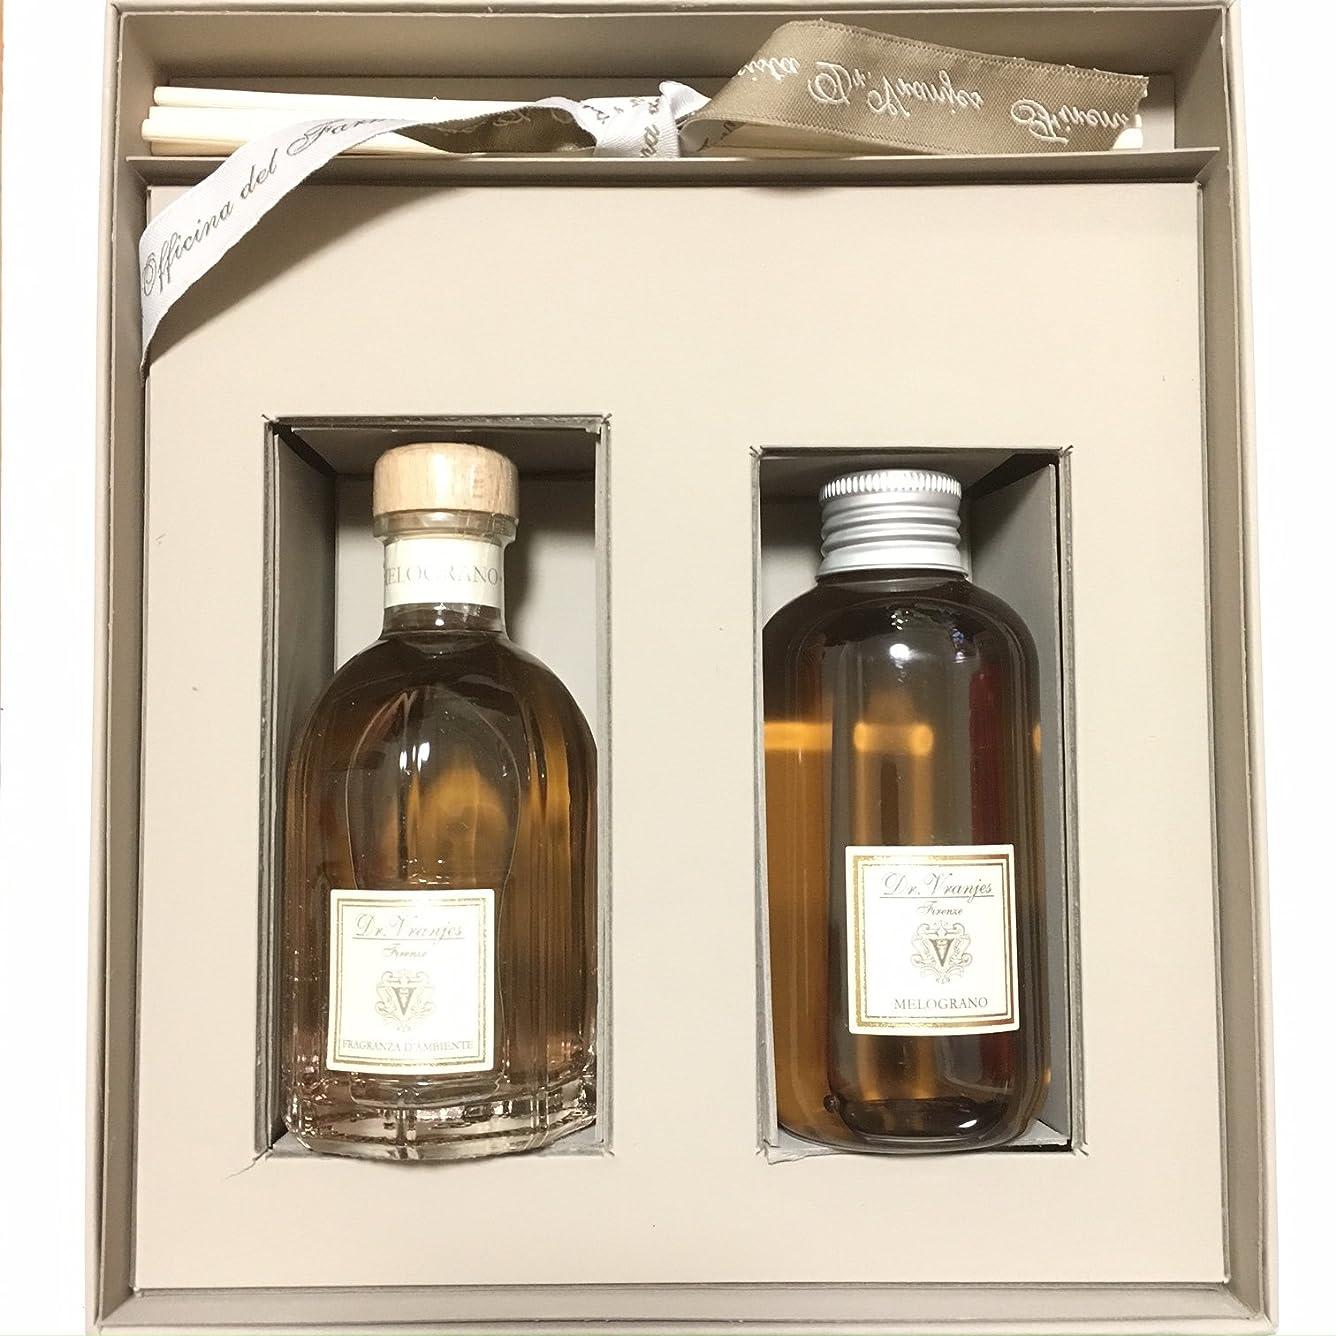 見つけた加速する病院ドットールヴラニエス ザクロ 100ml ボトル & 150ml 詰替 ギフトセット Dr Vranjes Melograno Gift BOX [並行輸入品]